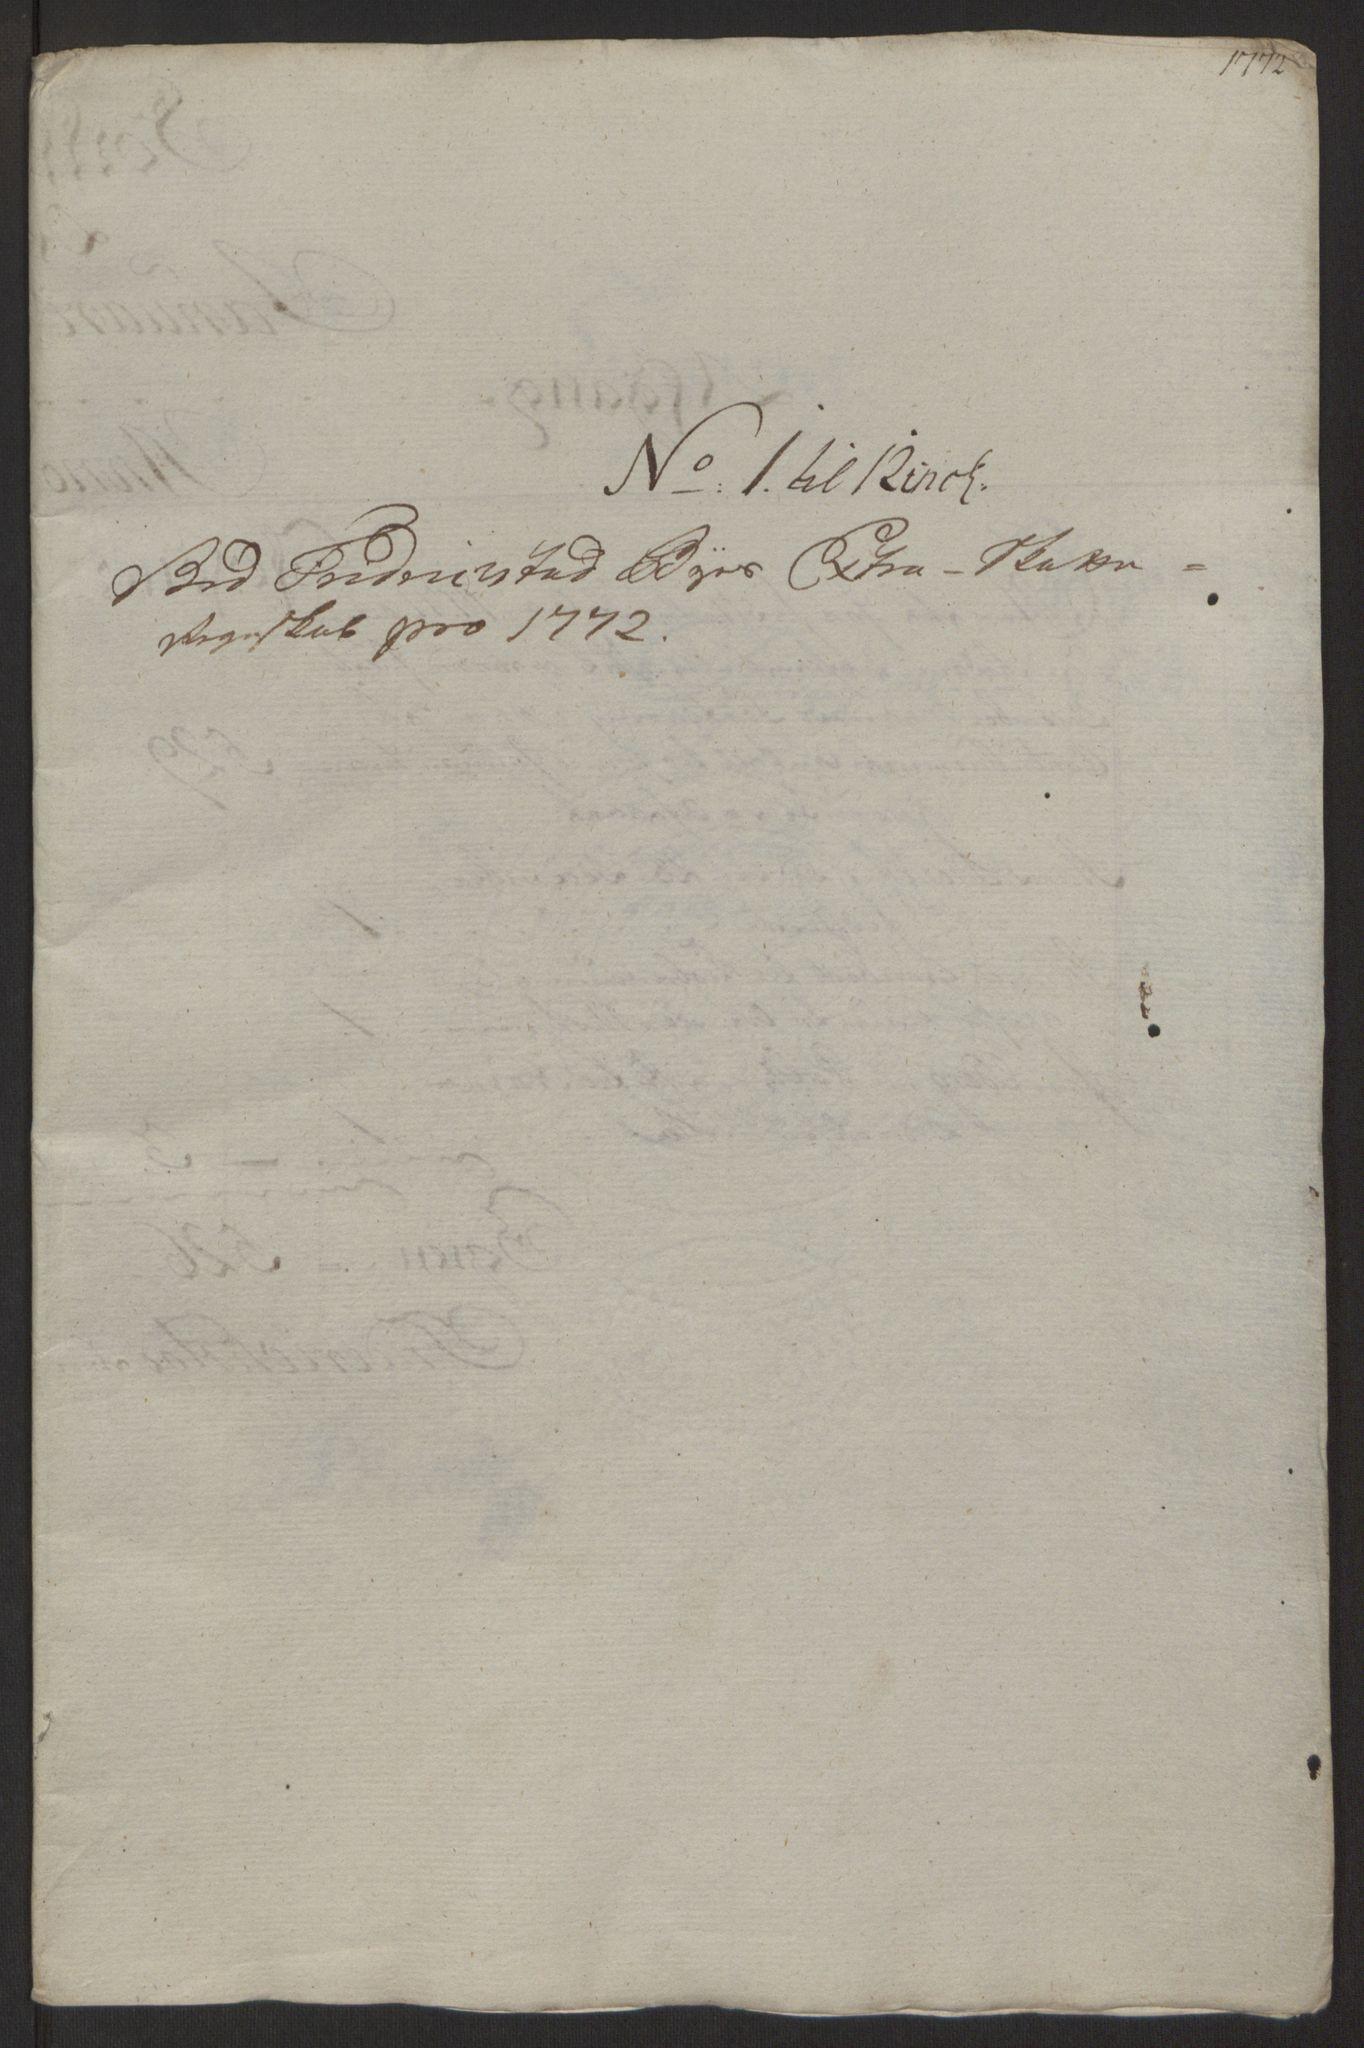 RA, Rentekammeret inntil 1814, Reviderte regnskaper, Byregnskaper, R/Rb/L0029: [B3] Kontribusjonsregnskap, 1762-1772, s. 407